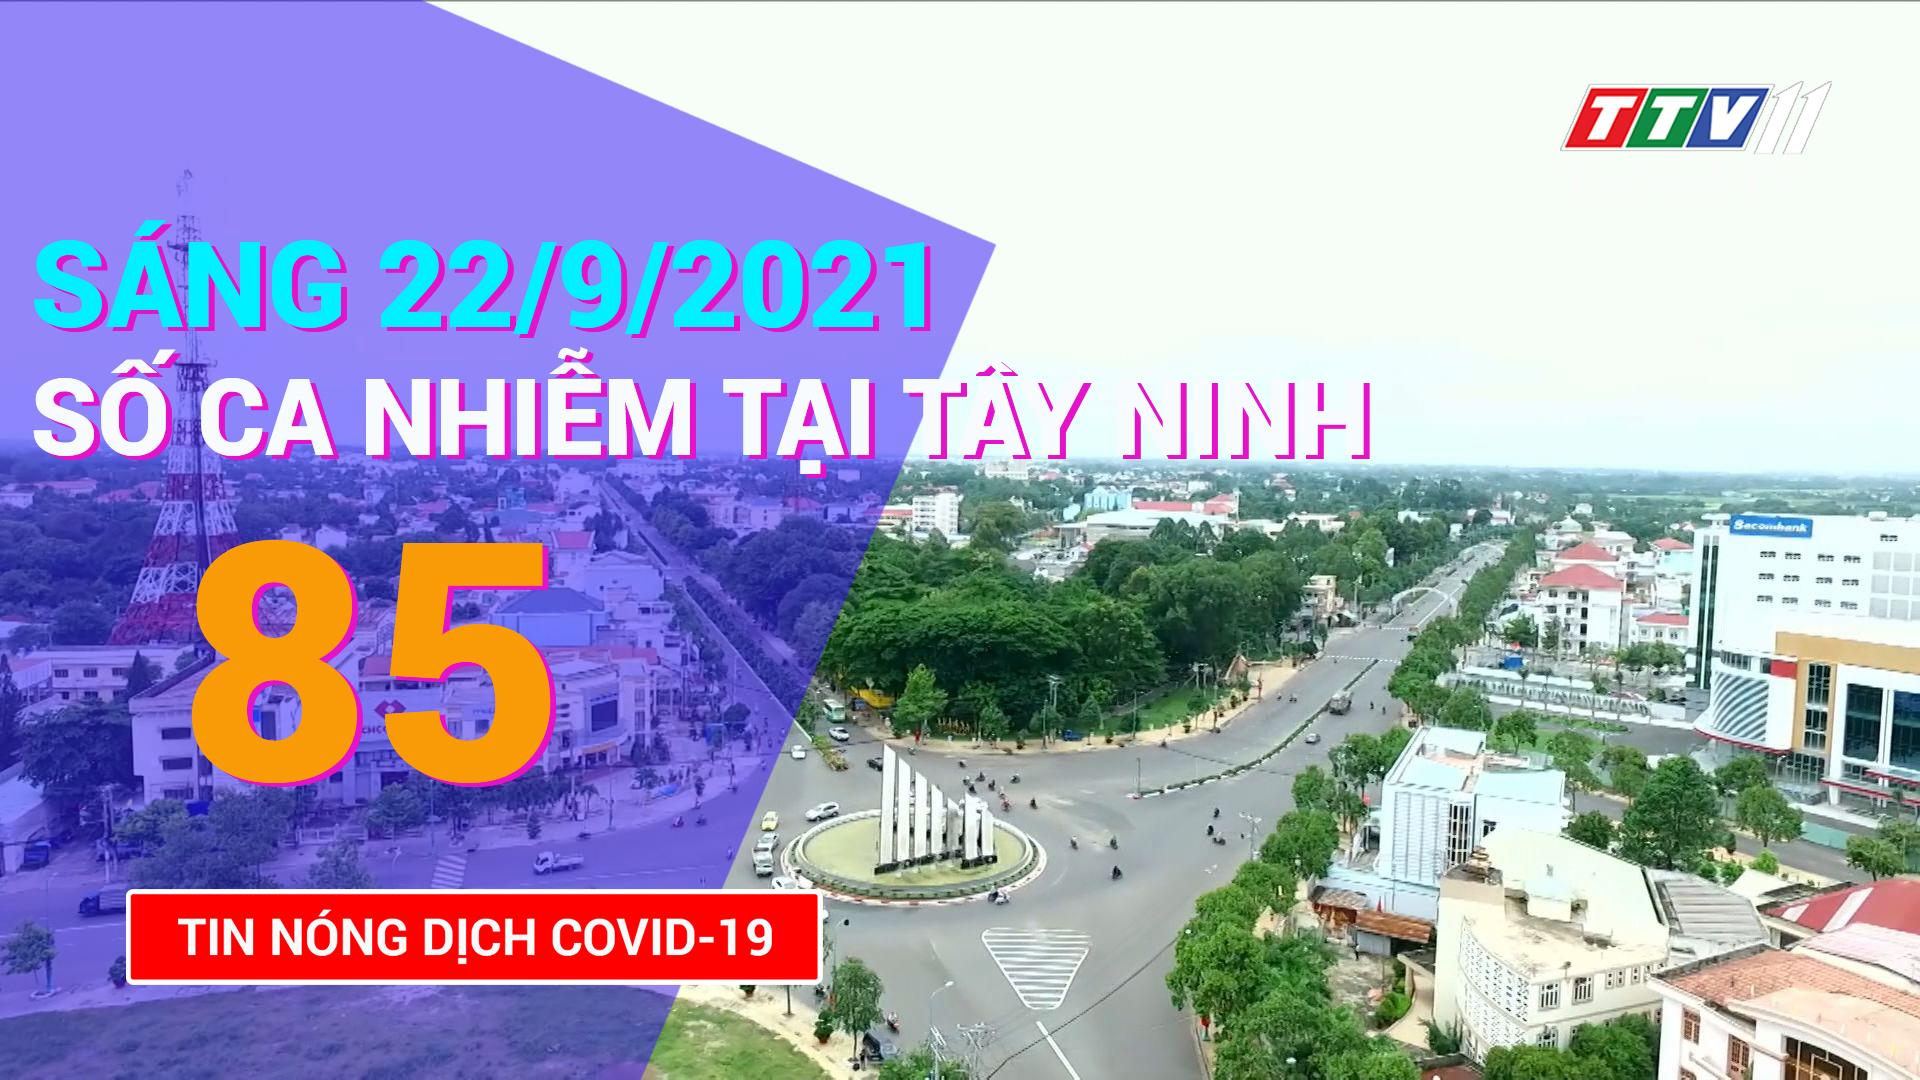 Tin tức Covid-19 sáng 22/9/2021 | TayNinhTV